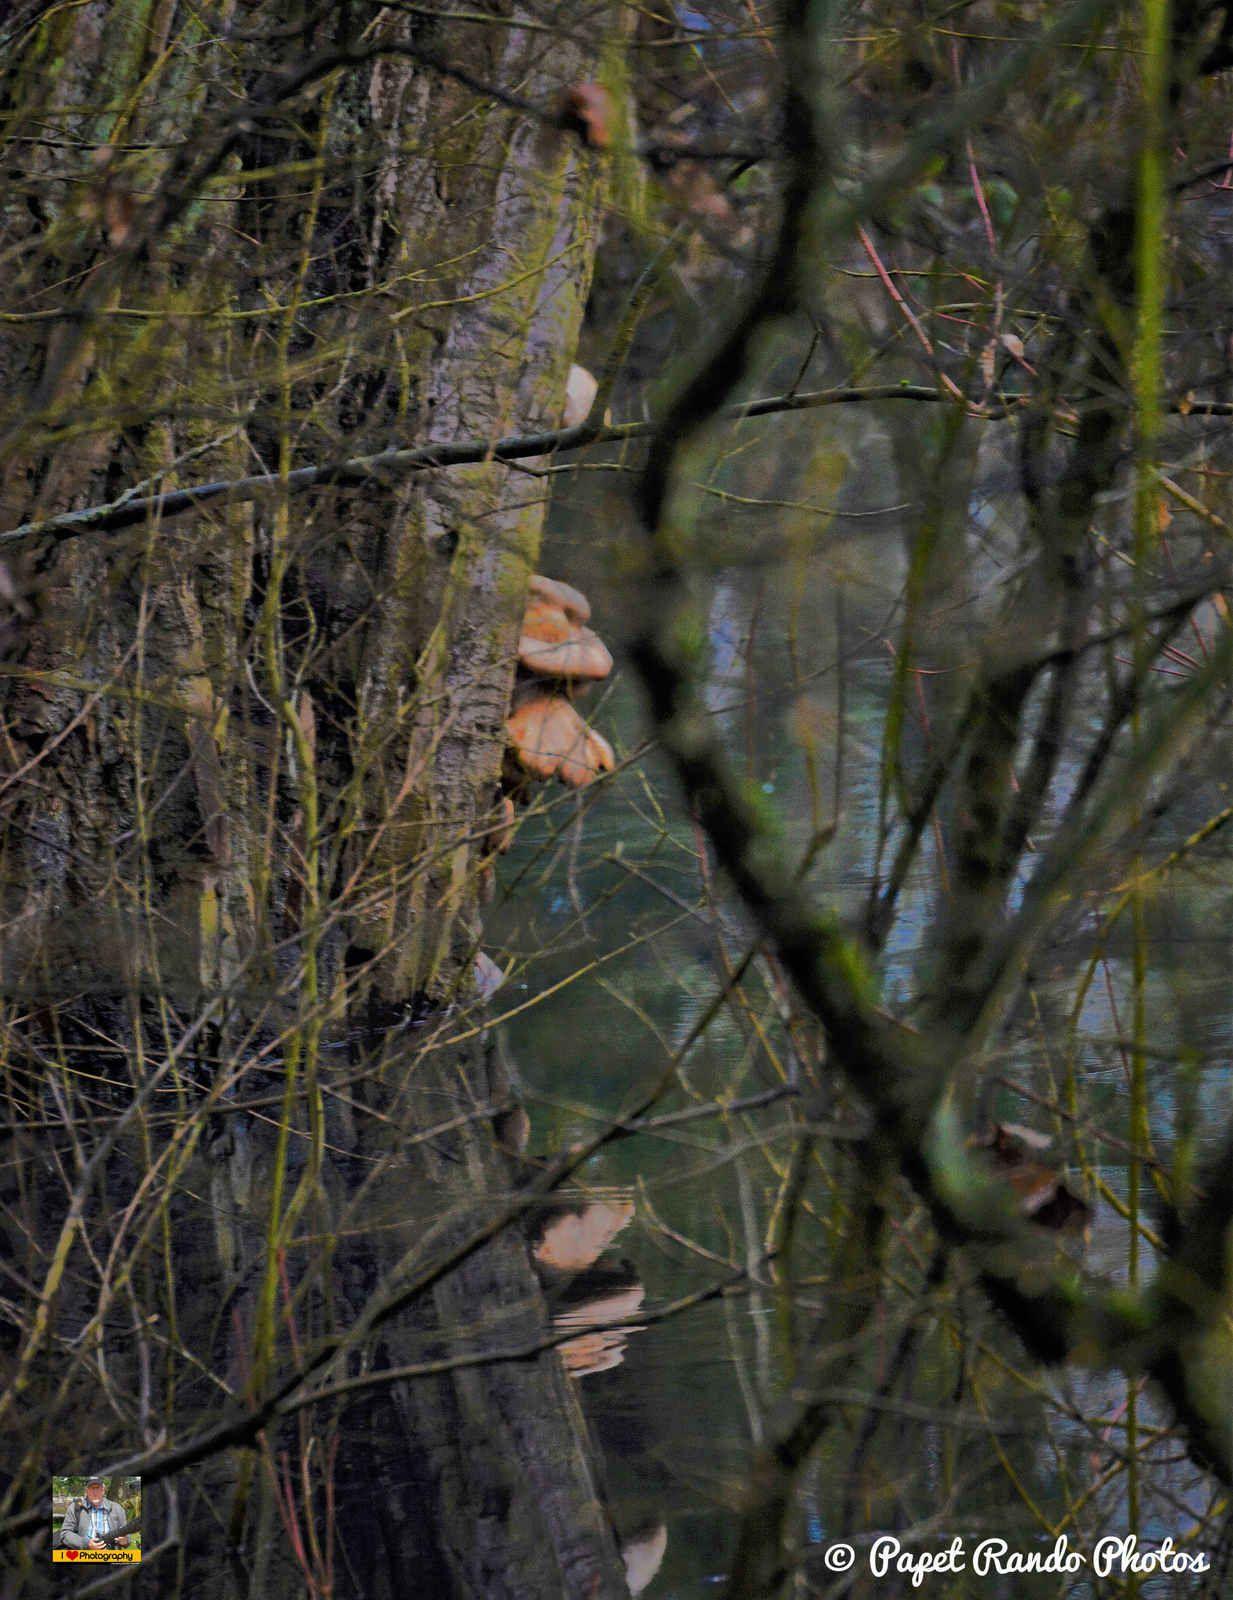 Les Ouettes d'Egypte de retour comme chaque année dans le fond du jardin, ( dans la petite reserve naturelle, avec aussi renards, ecureuils etc, a des endroits l'etang un peu stressant, surtout avec la brune d'une belle journée